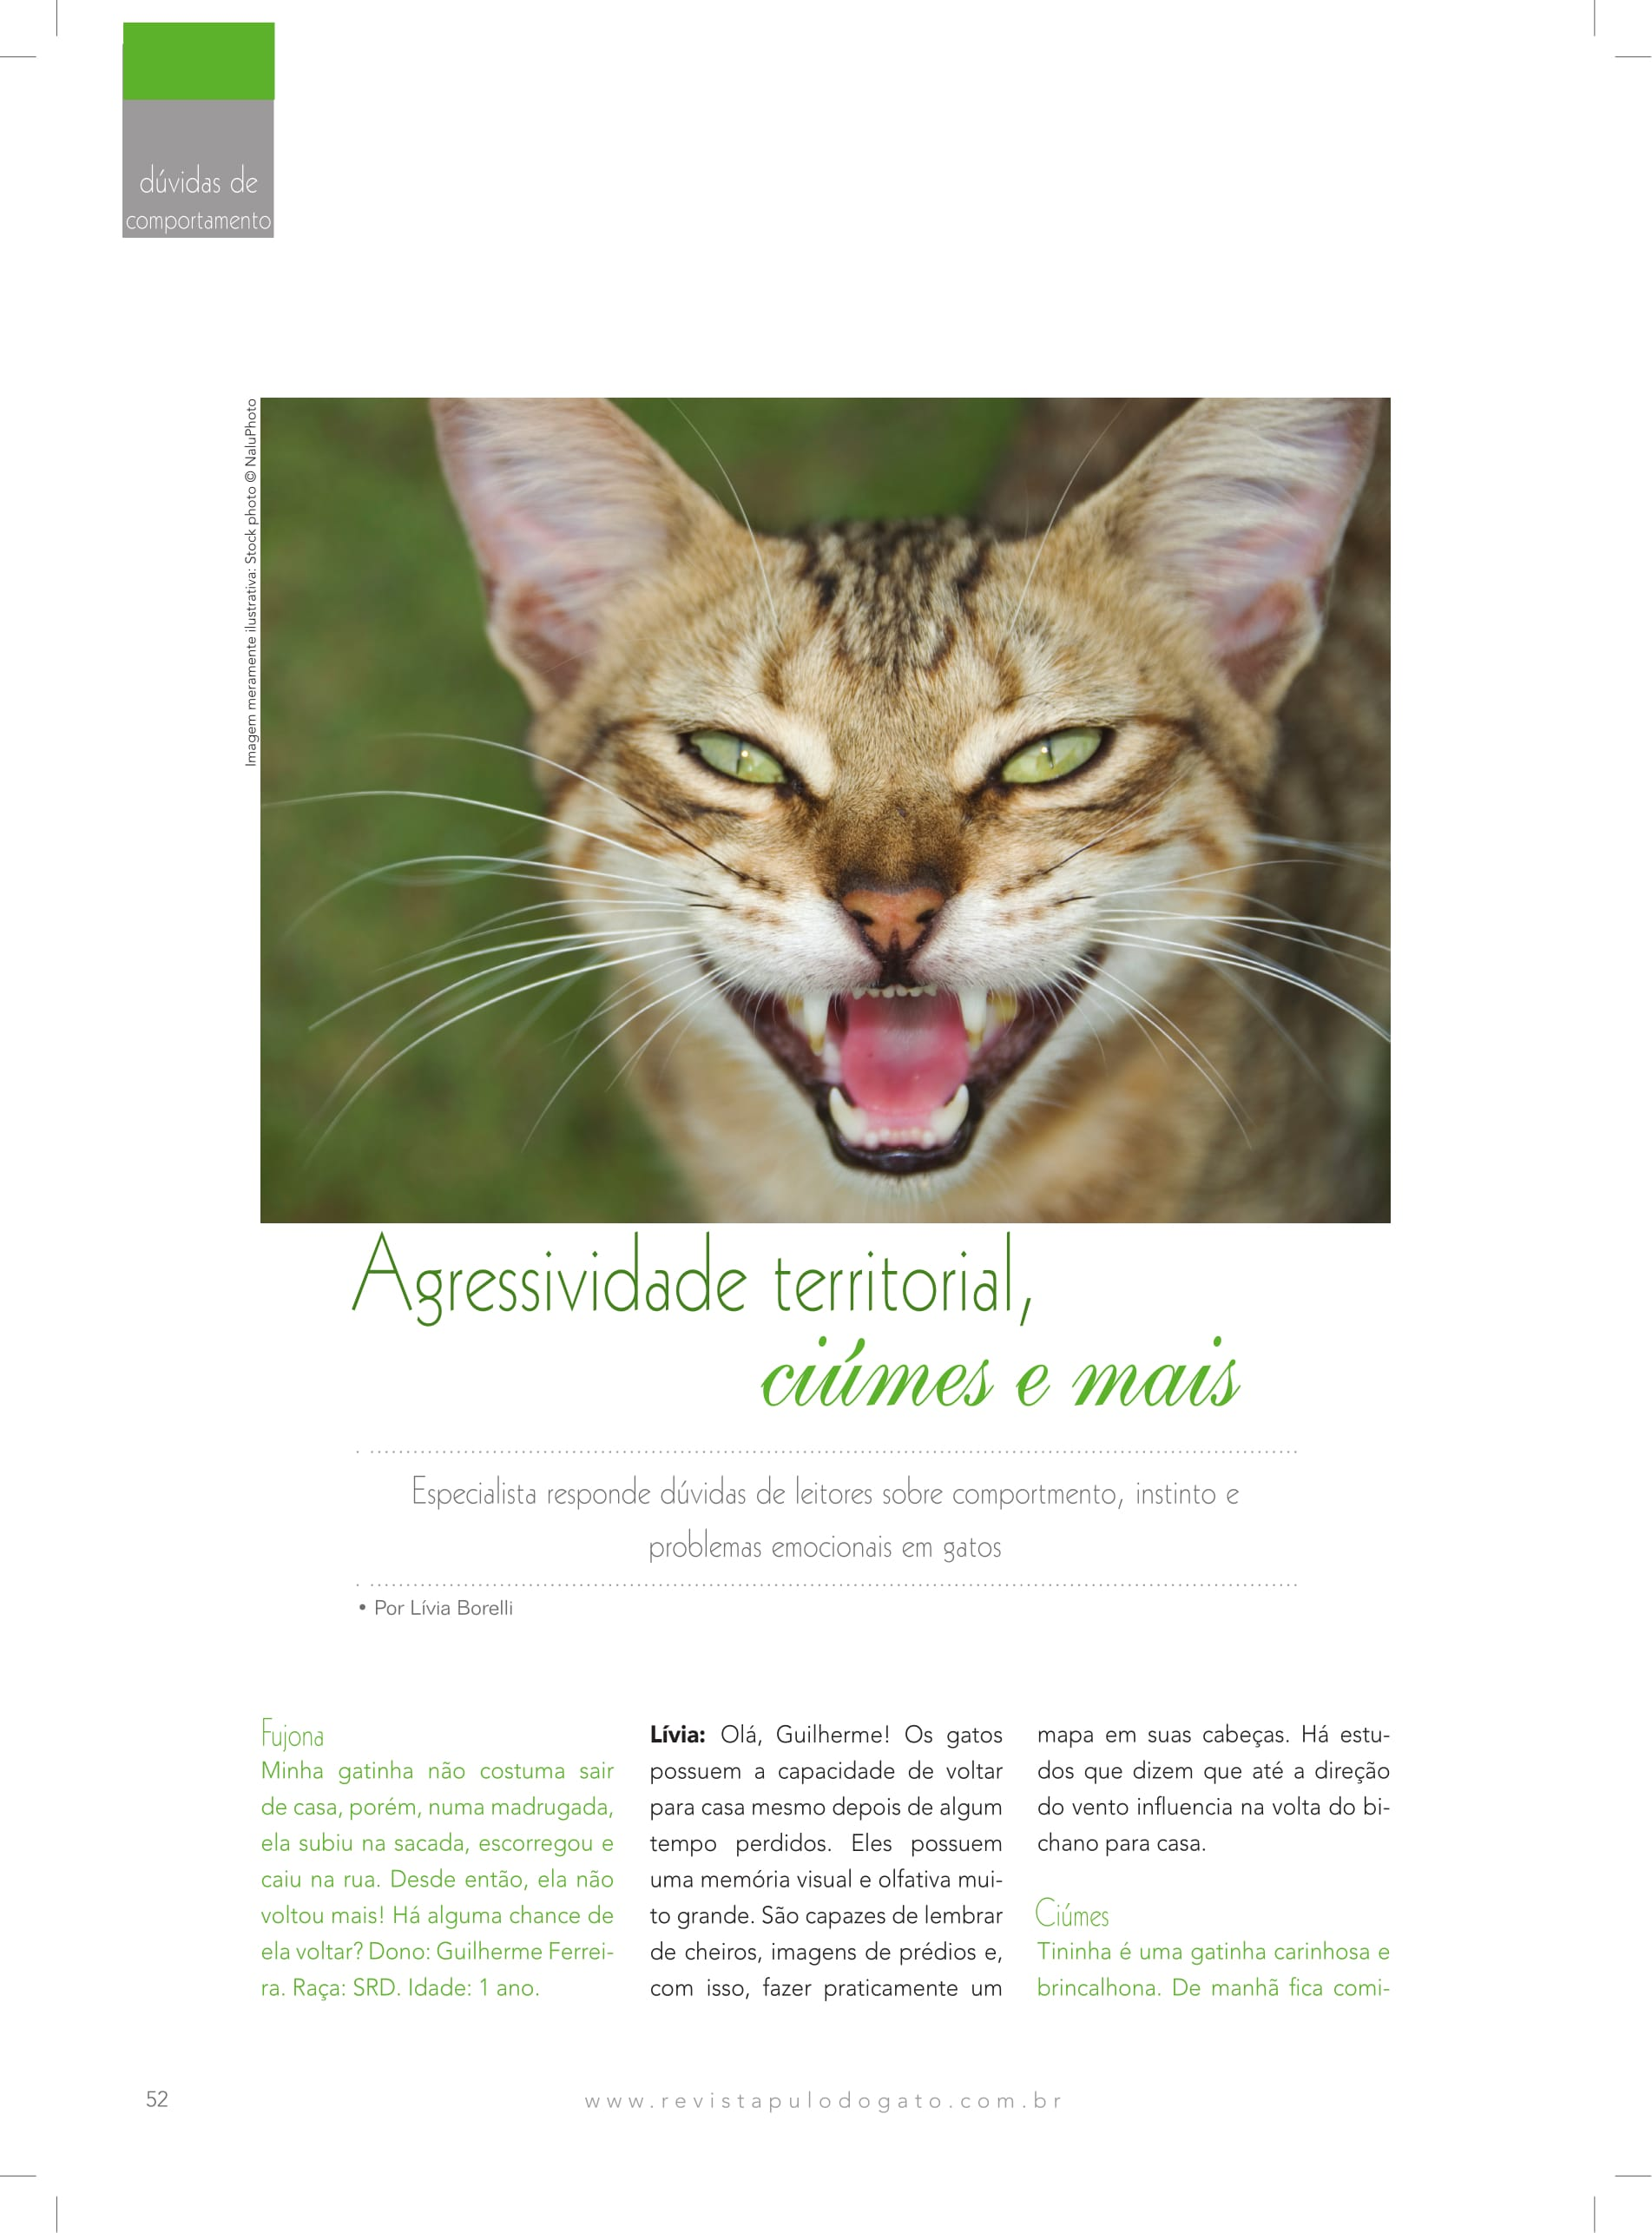 pauta_duvidas-de-leitores_revista-pulo-do-gato_1-1